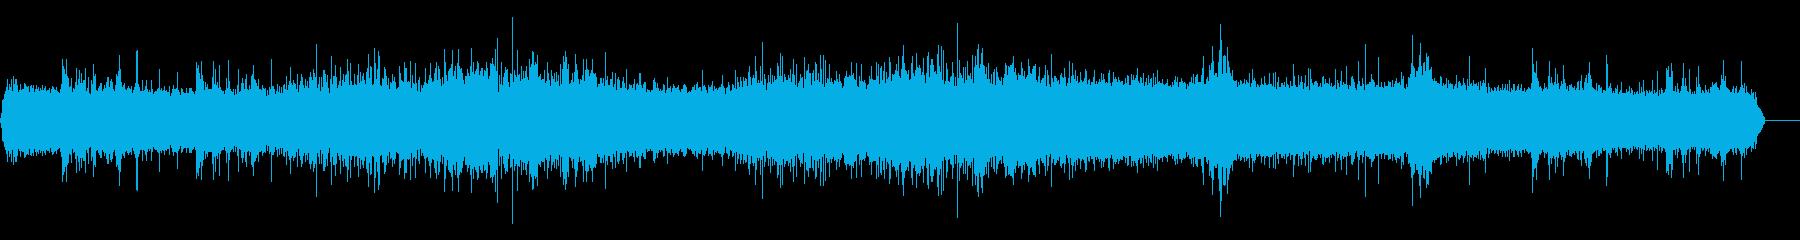 雨2 3の再生済みの波形